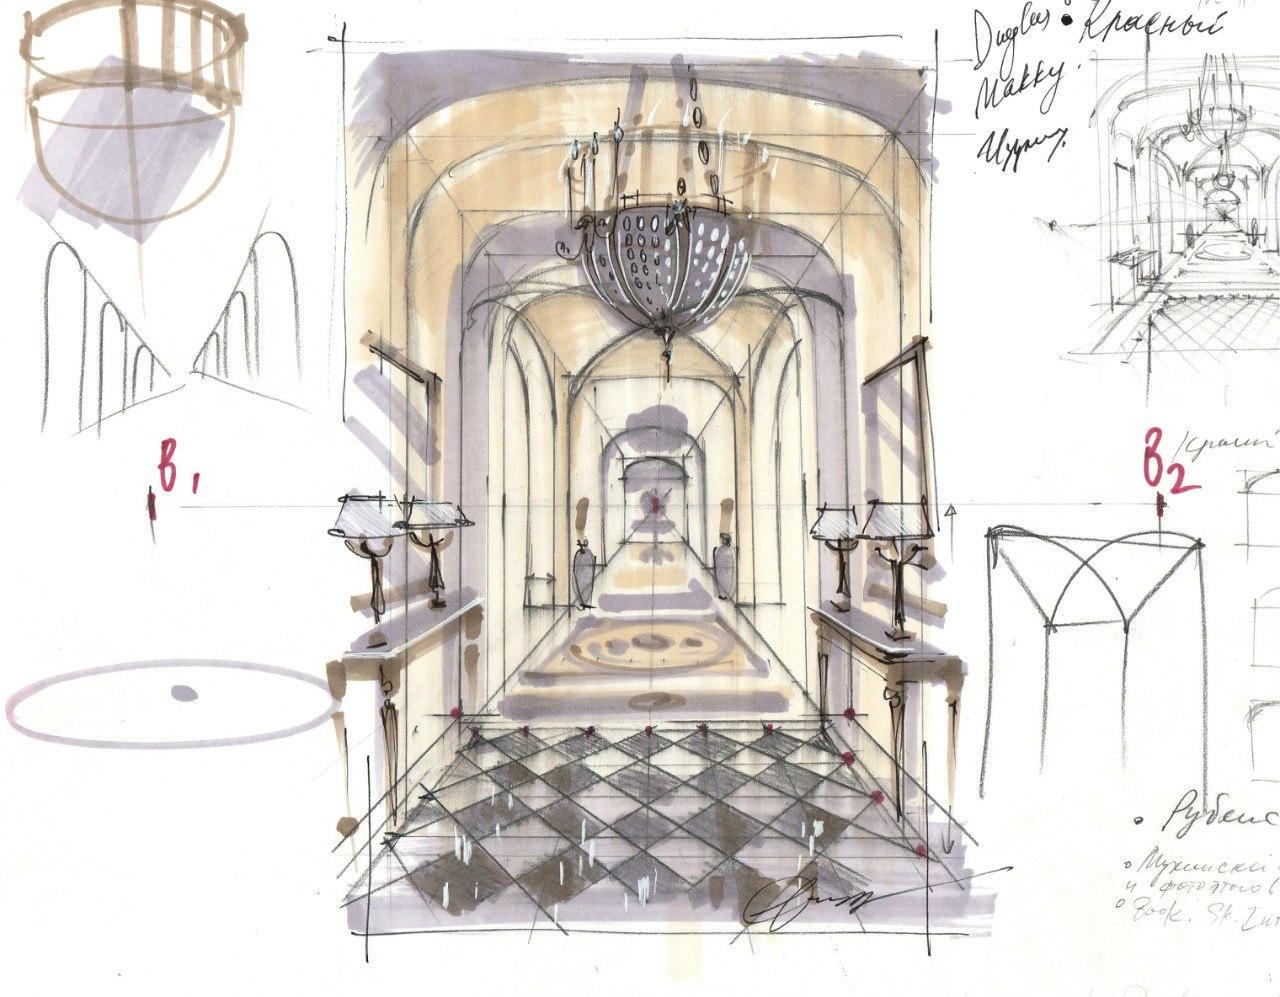 Здесь я нарисовала интерьер в перспективе в 1 точку схода, а плитка на полу нарисована в 2 точки схода.